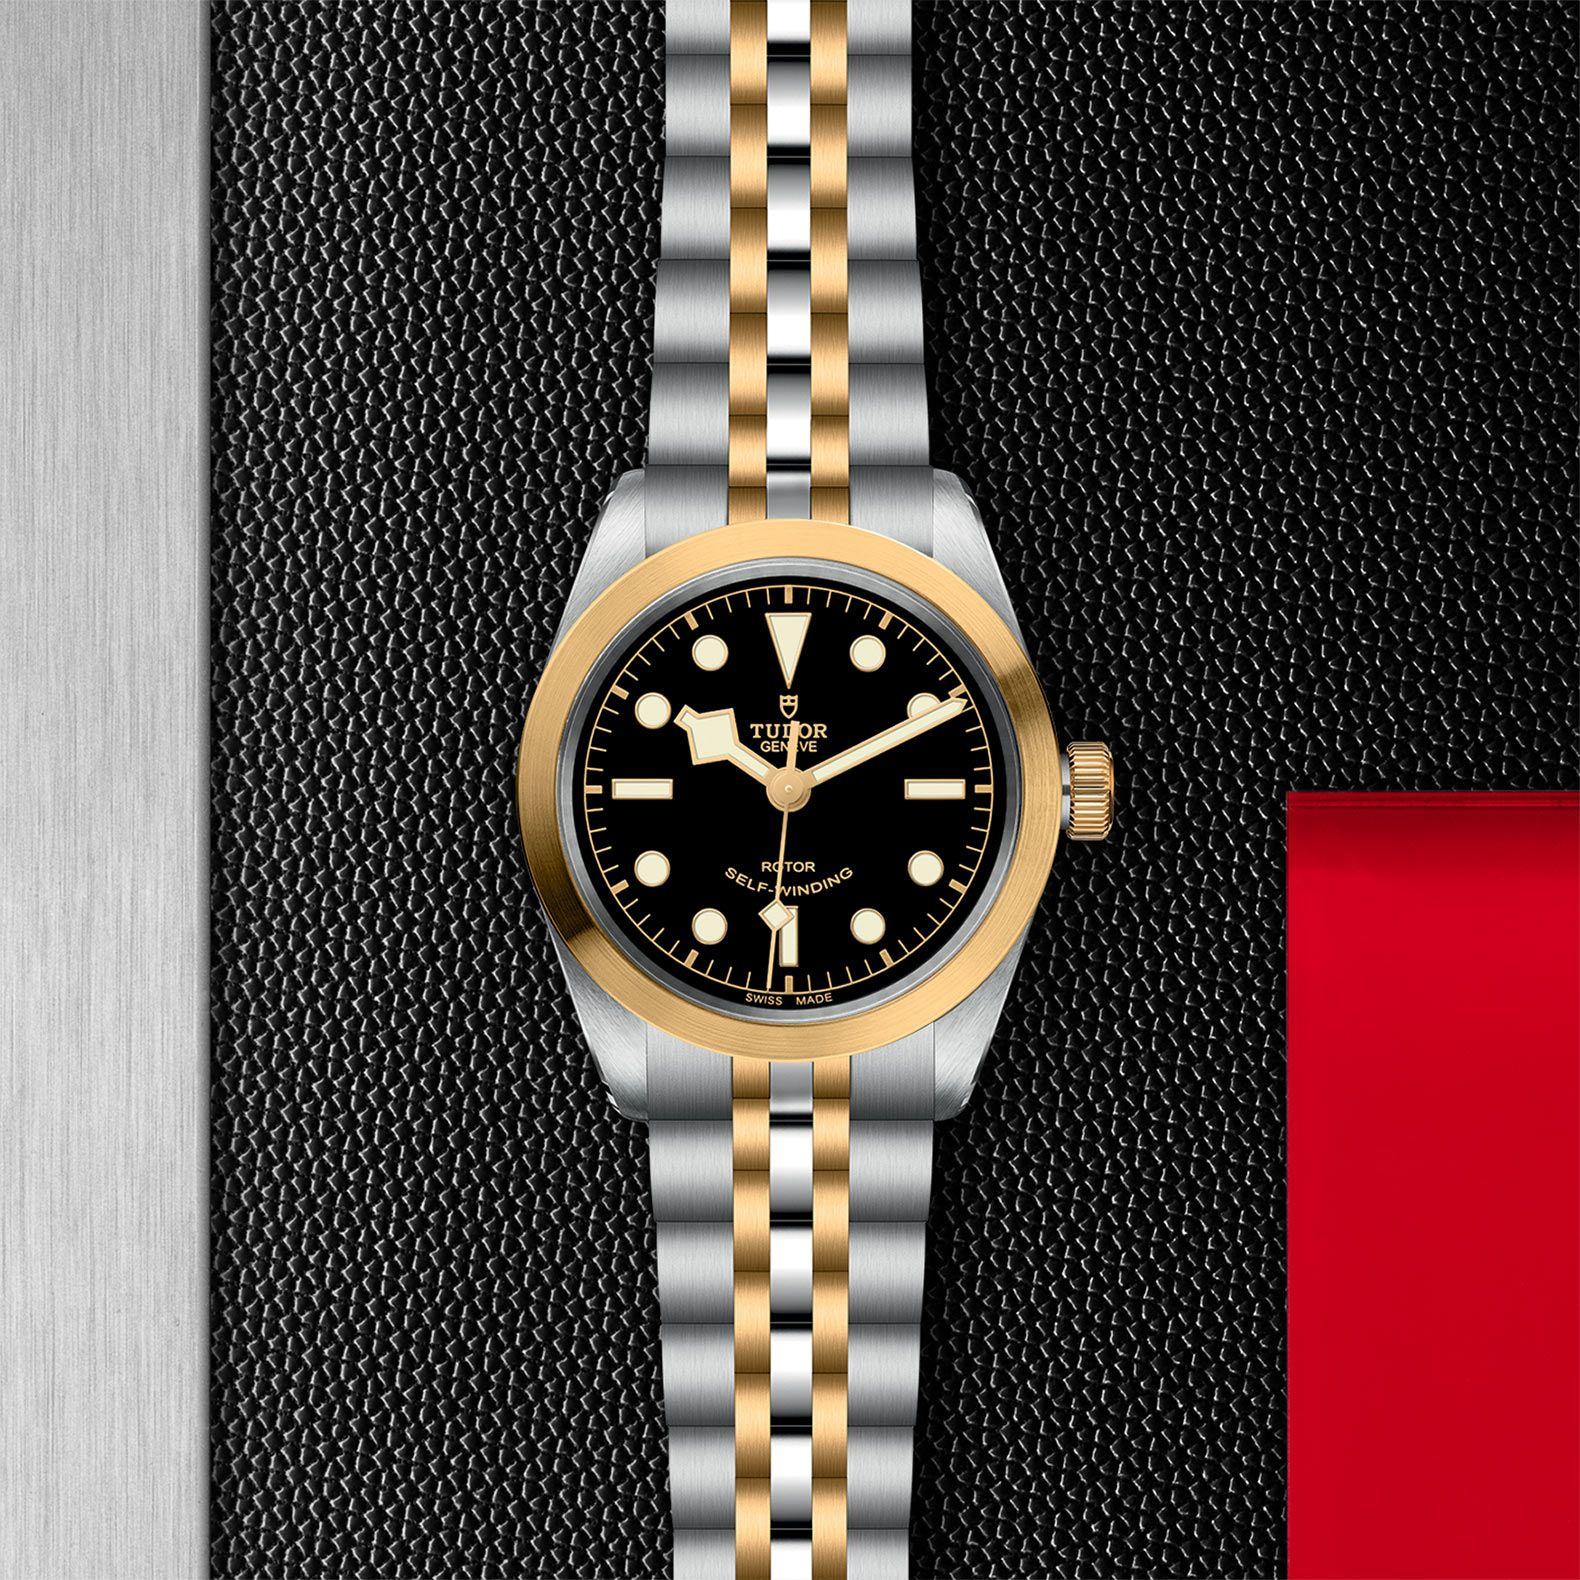 BLACK BAY S&G 36 79503 - 0001